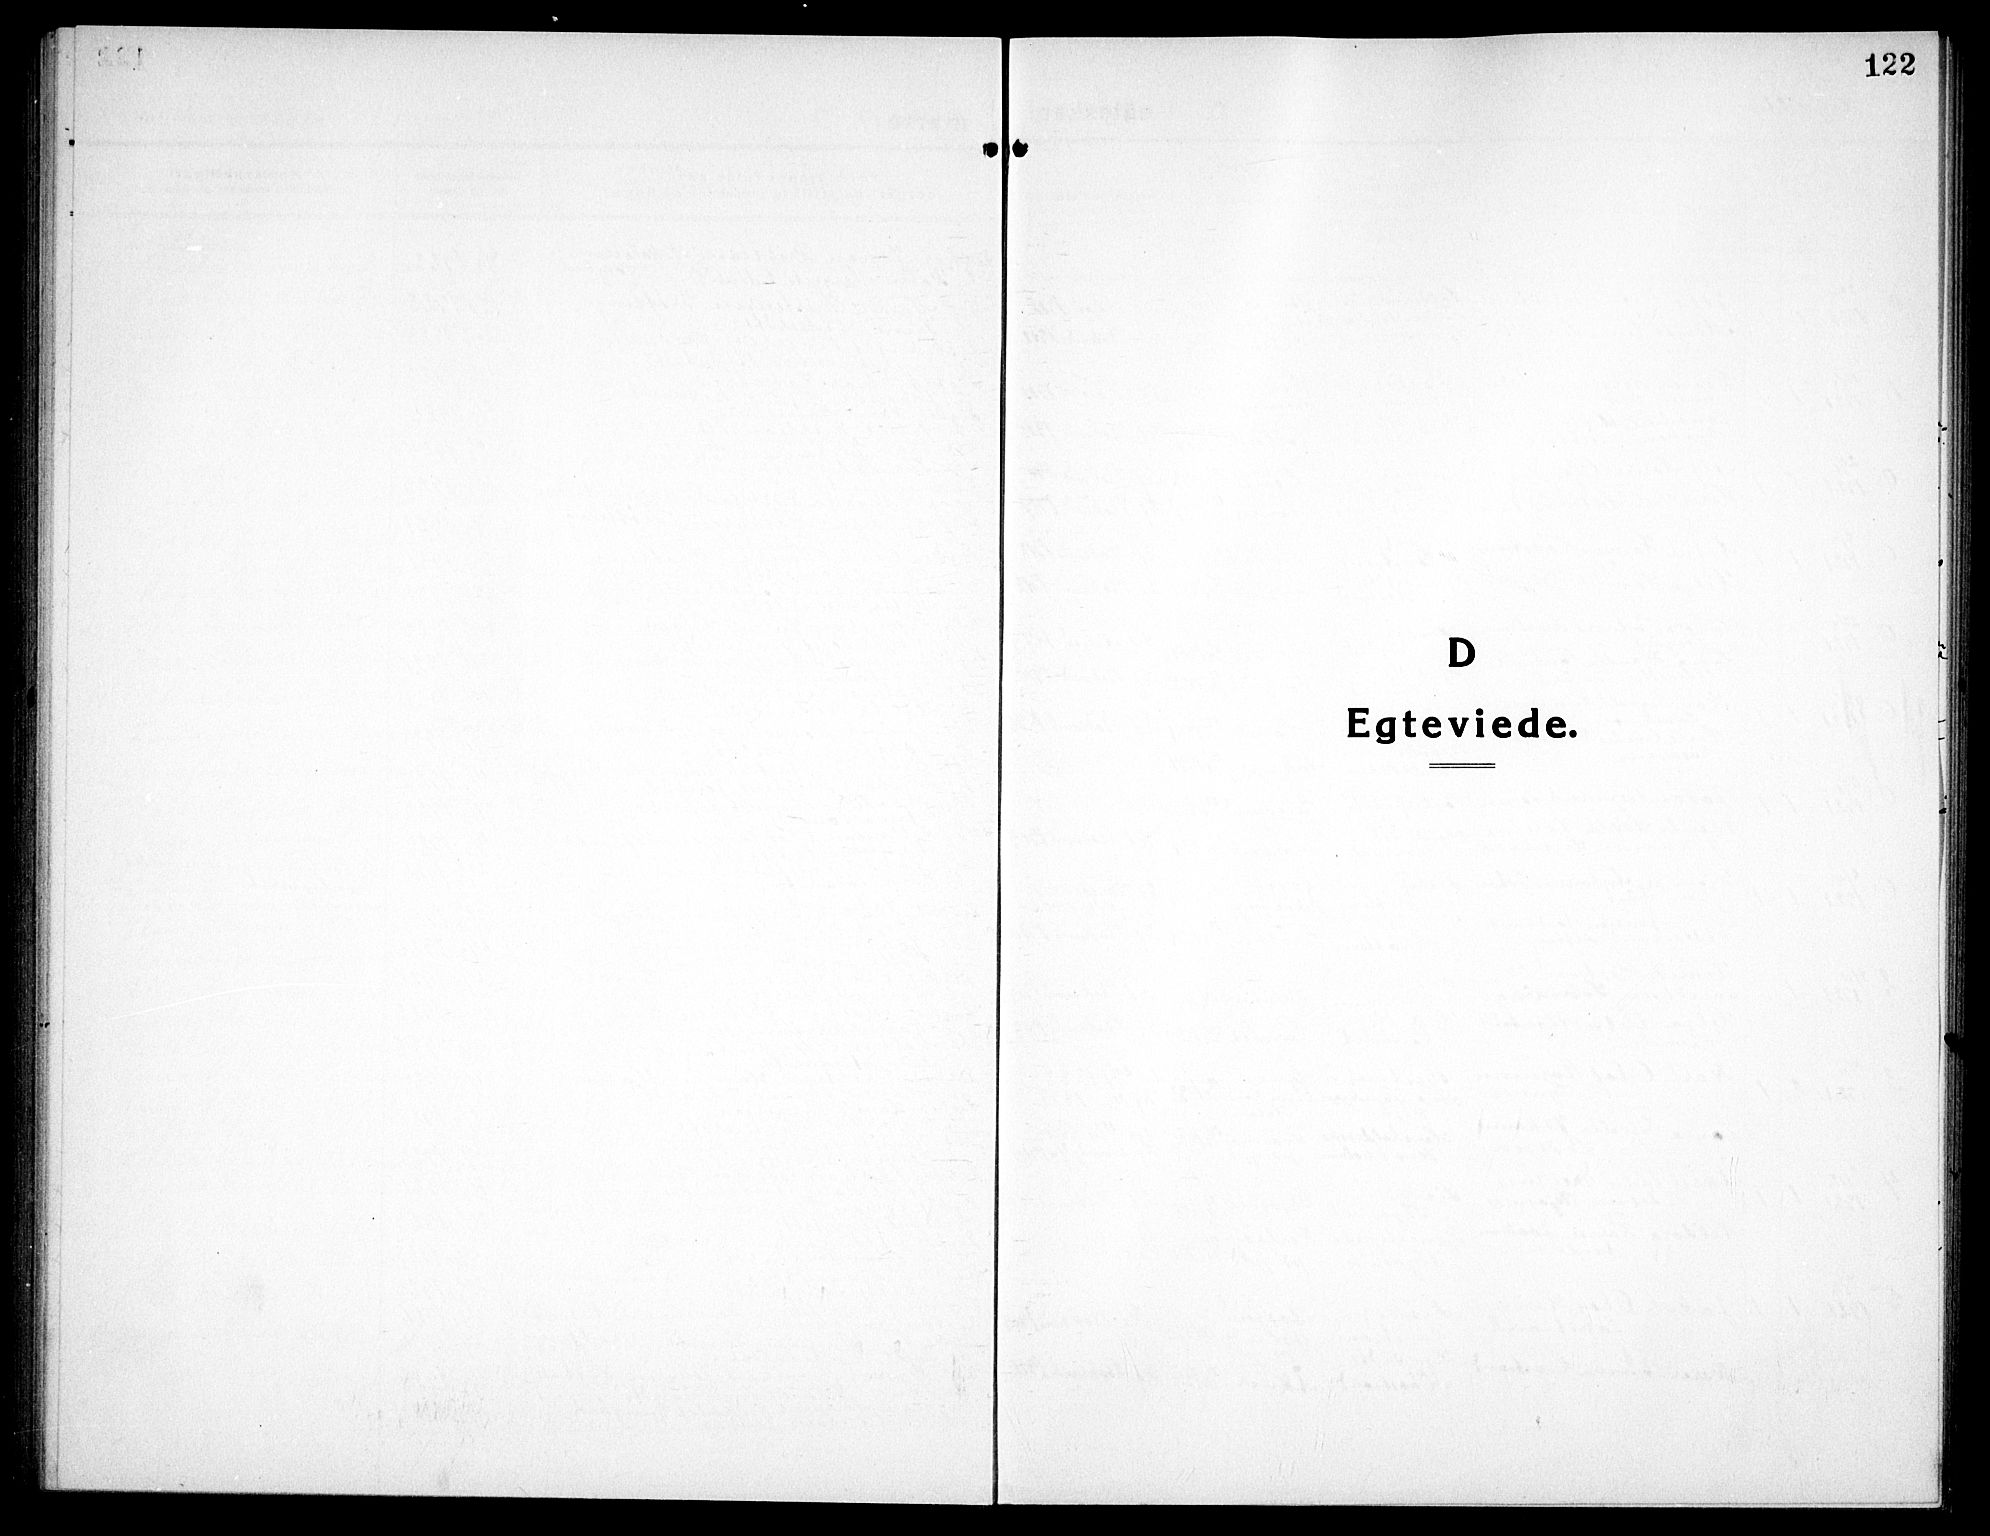 SAT, Ministerialprotokoller, klokkerbøker og fødselsregistre - Sør-Trøndelag, 656/L0696: Klokkerbok nr. 656C02, 1921-1937, s. 122